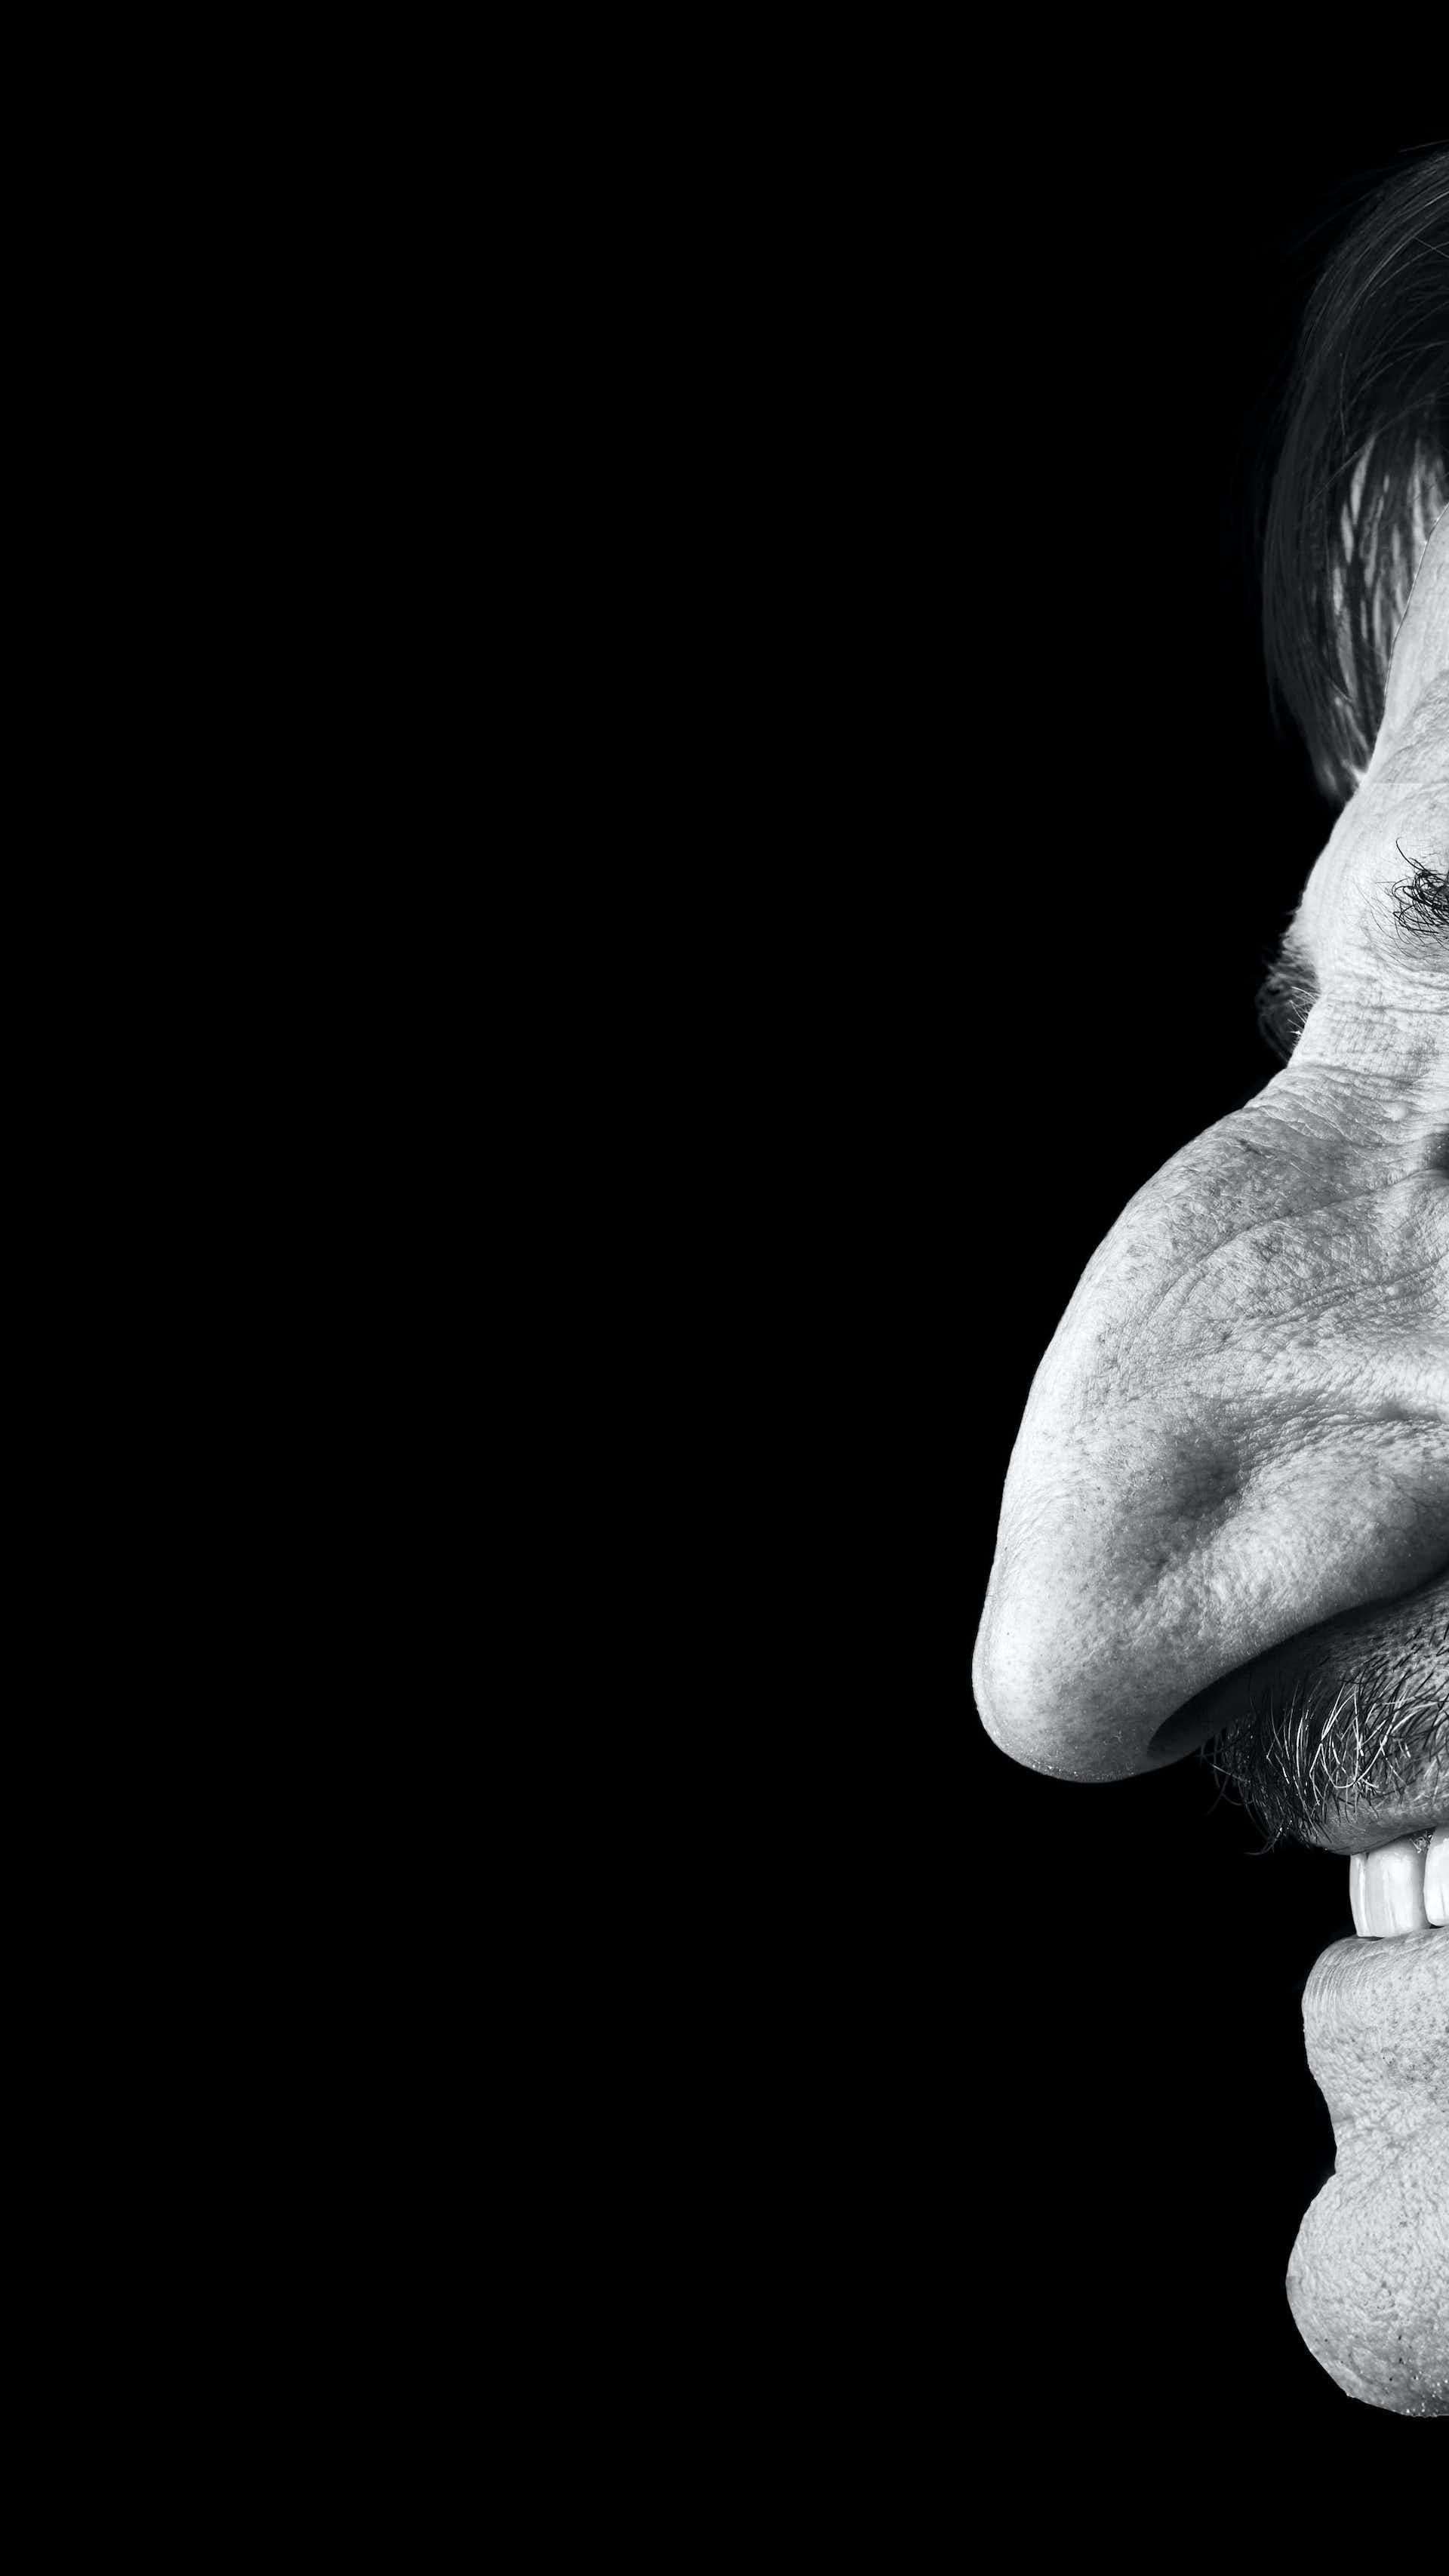 Met grote mannen neus een 4 manieren